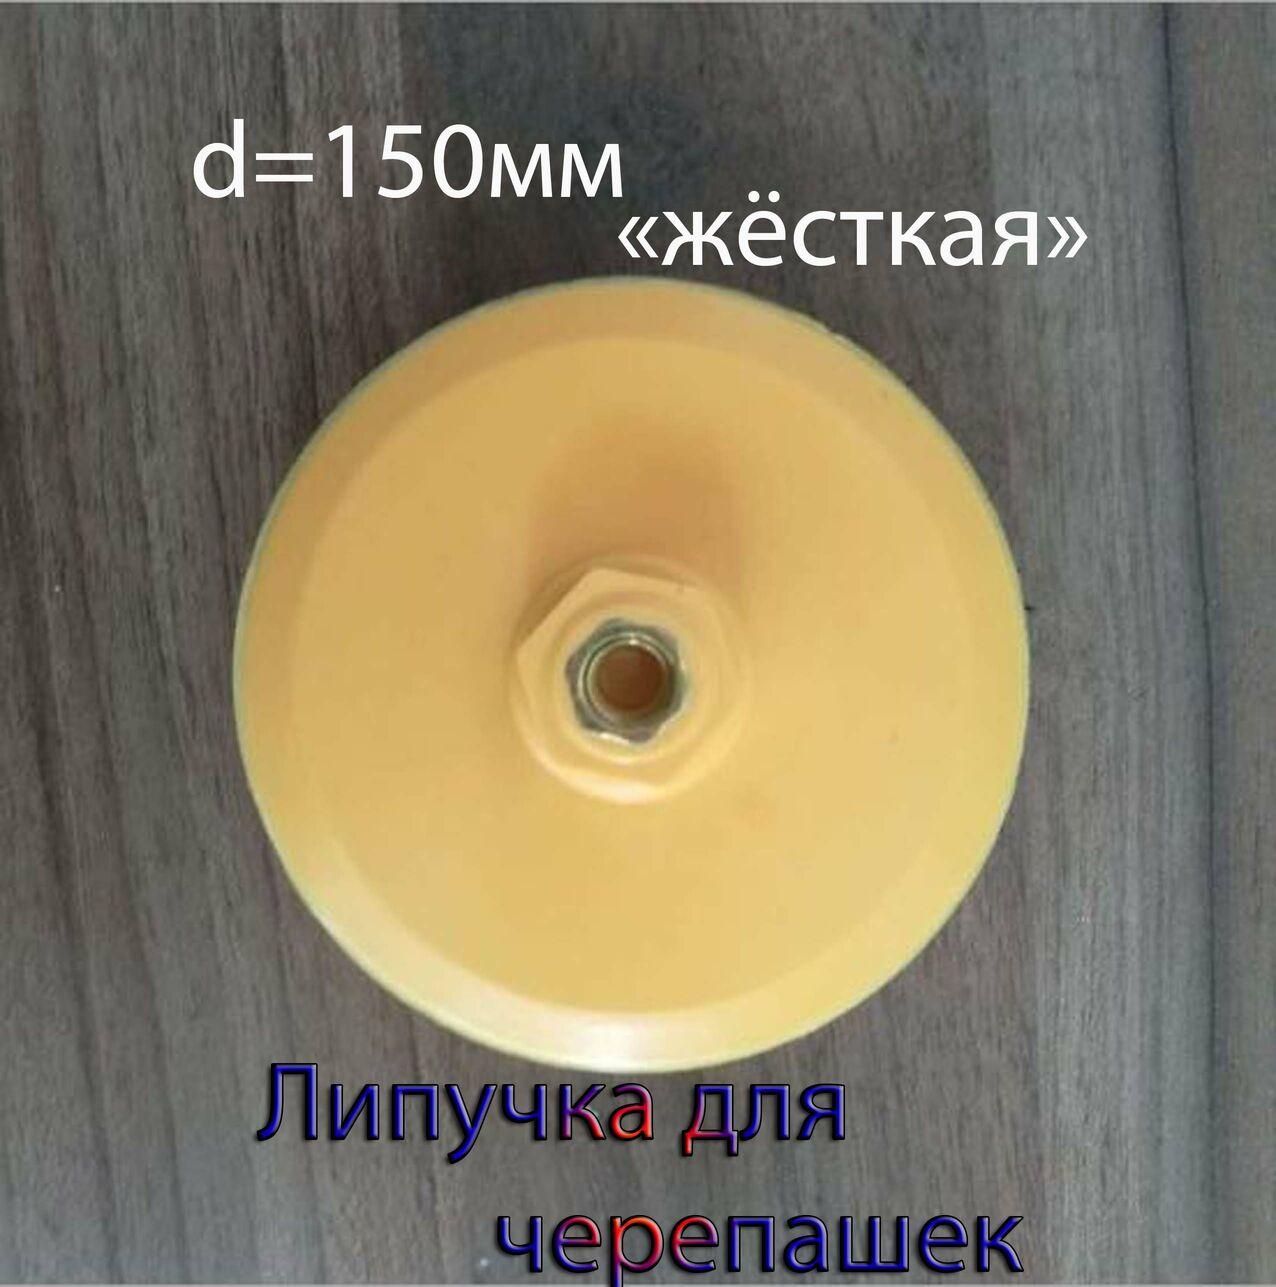 Липучка(крепление,держатель) жёсткая для алмазных гибких дисков черепашек d=150мм